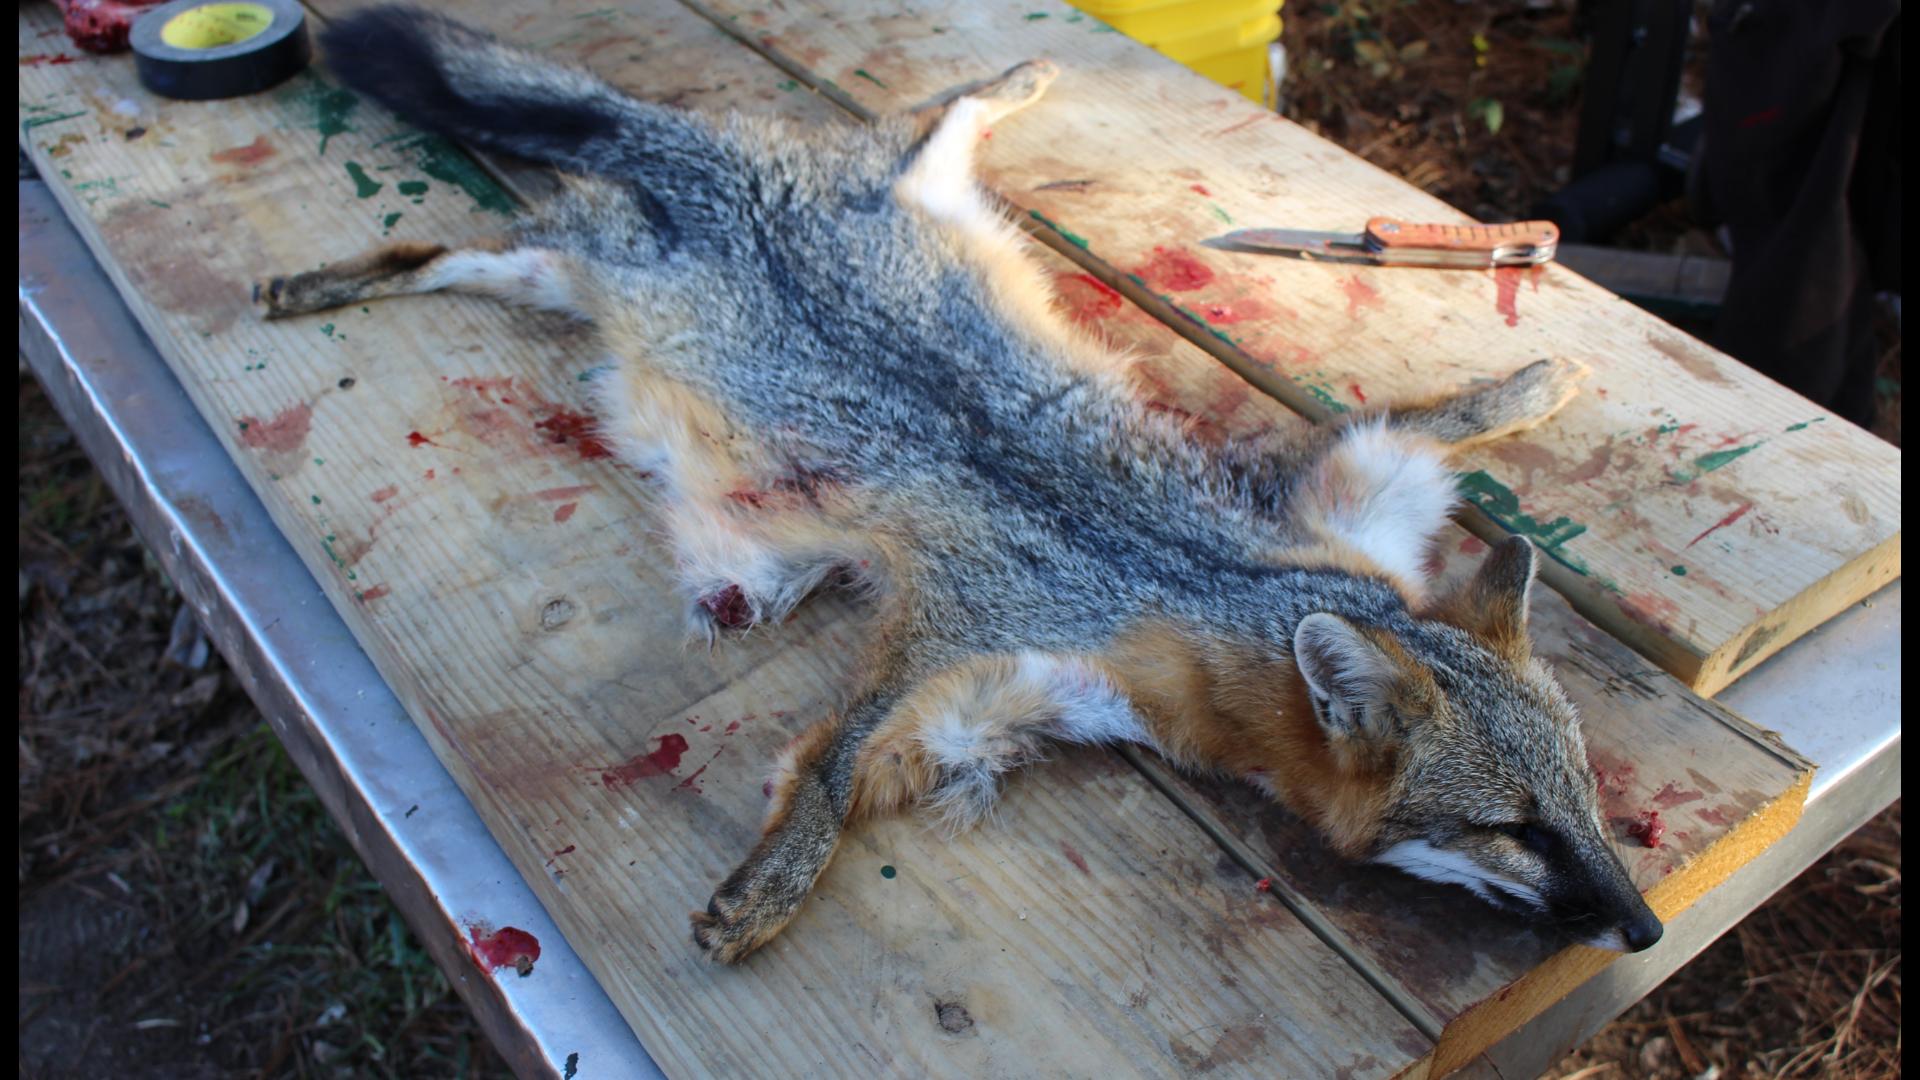 natuerlich-wurde-auch-der-graufuchs-fertig-gemacht-das-war-ja-schliesslich-auch-pauls-erster-jagd-jagen-jaeger-jaegermagazin-wilddiebe-lockjagd-mit-jeff-johnson